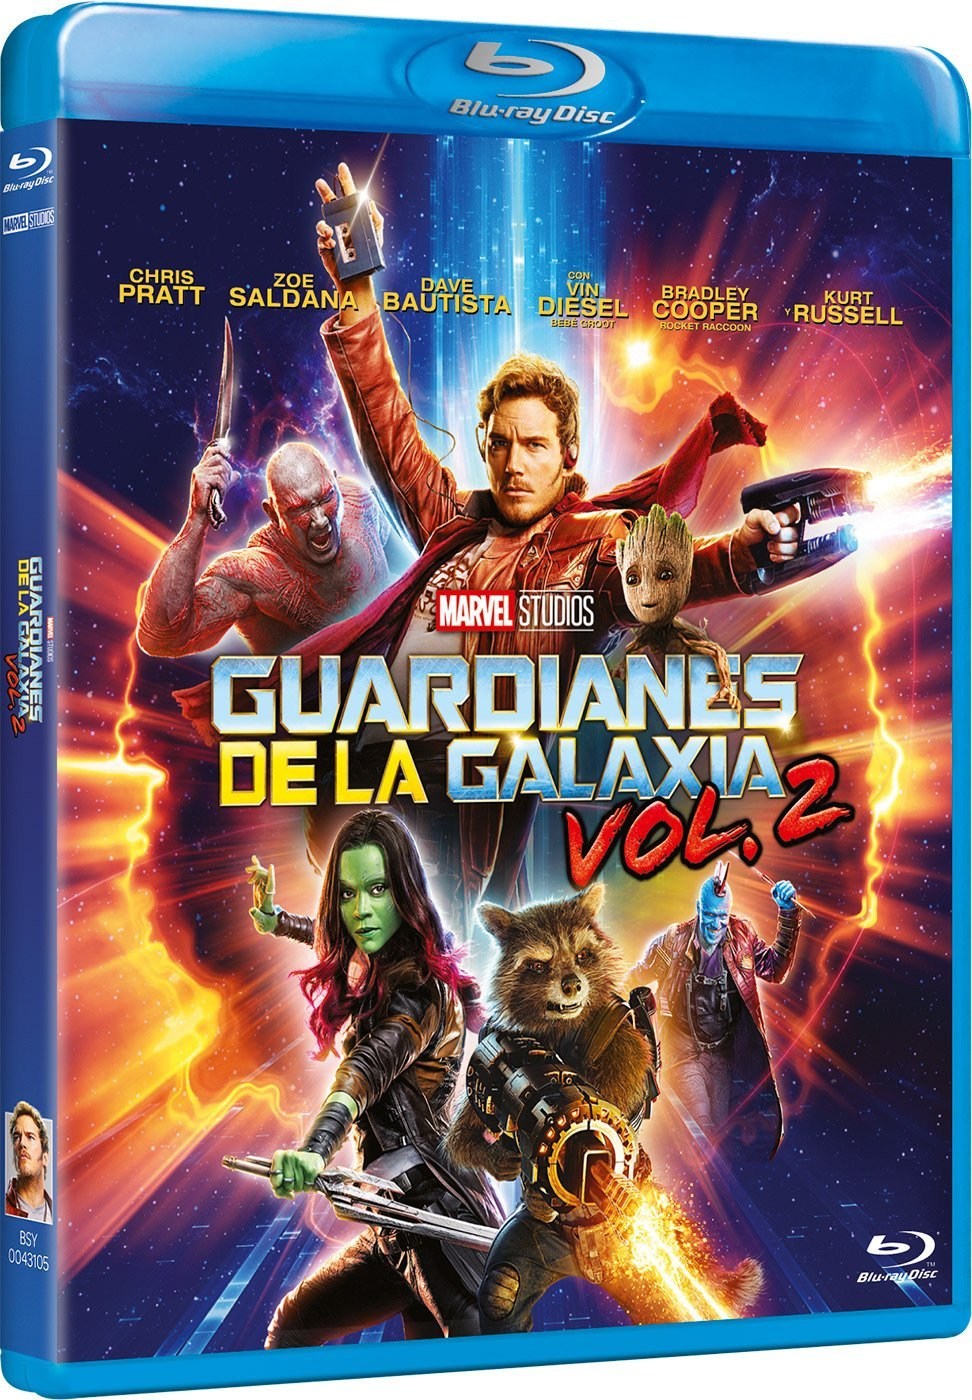 Guardianes De La Galaxia 2 [Blu-ray] imagen